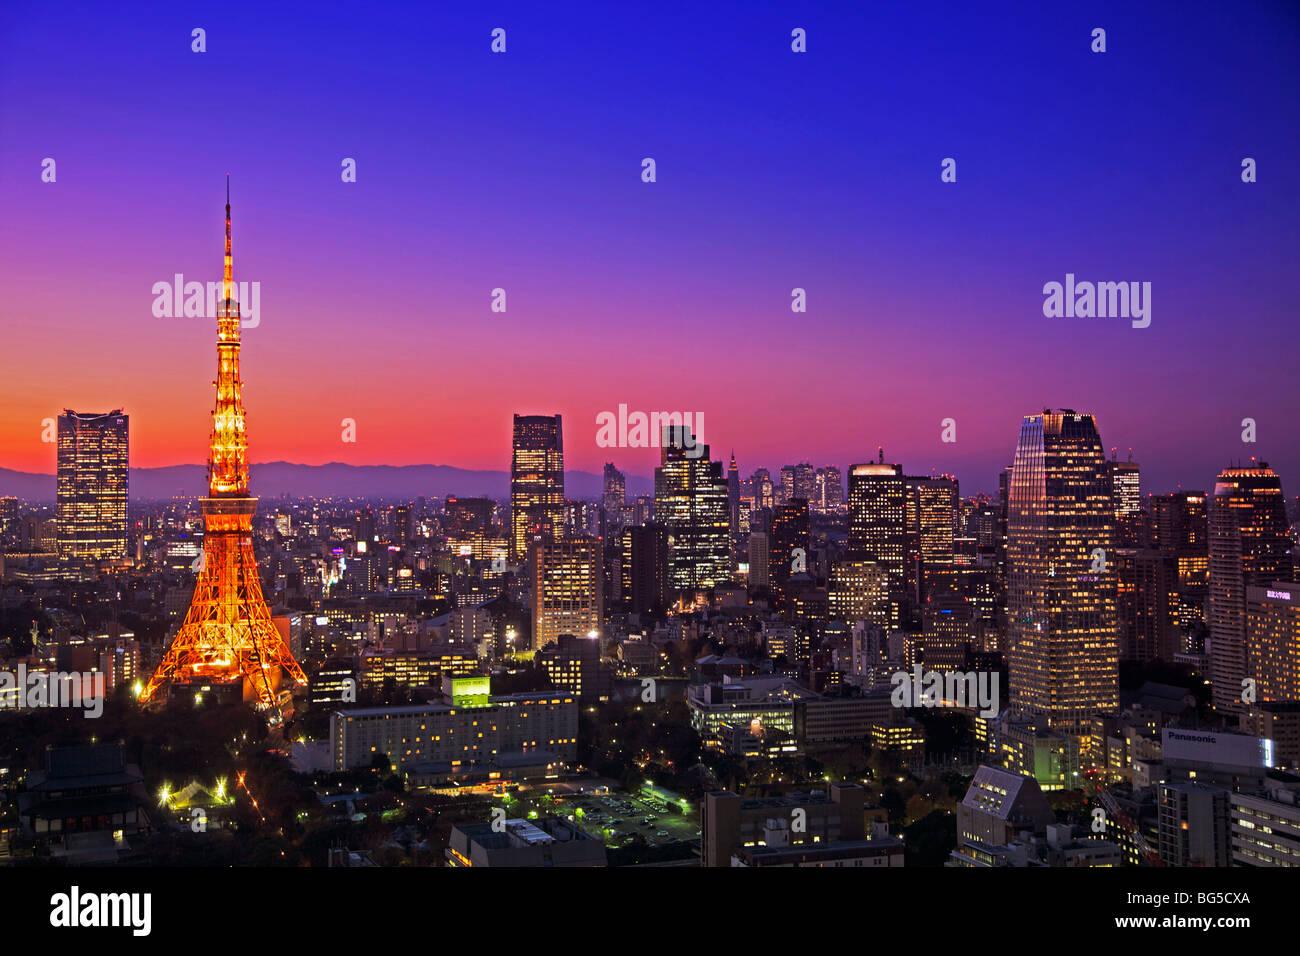 Puesta de sol vista de la Torre de Tokio y el horizonte de Tokio, Japón central Imagen De Stock